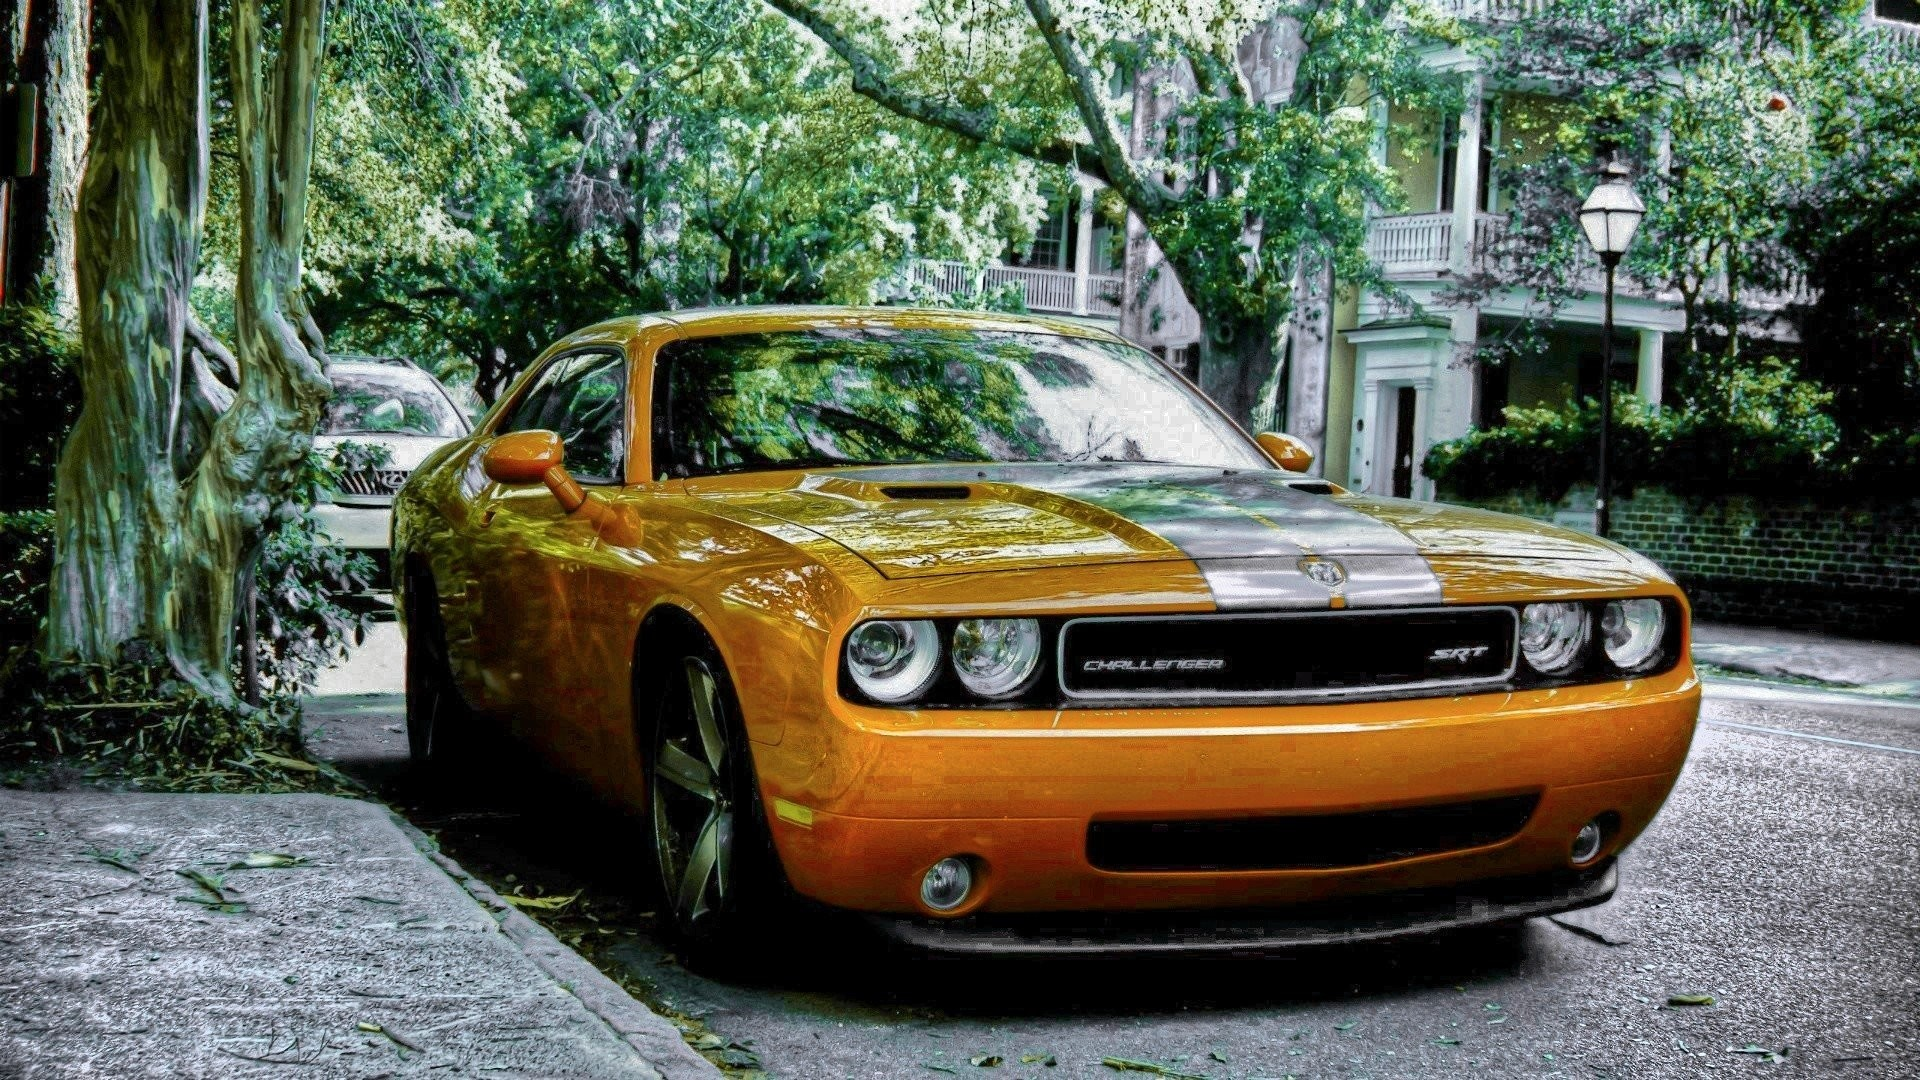 Cars Dodge Challenger SRT muscle car wallpaper | | 335633 |  WallpaperUP